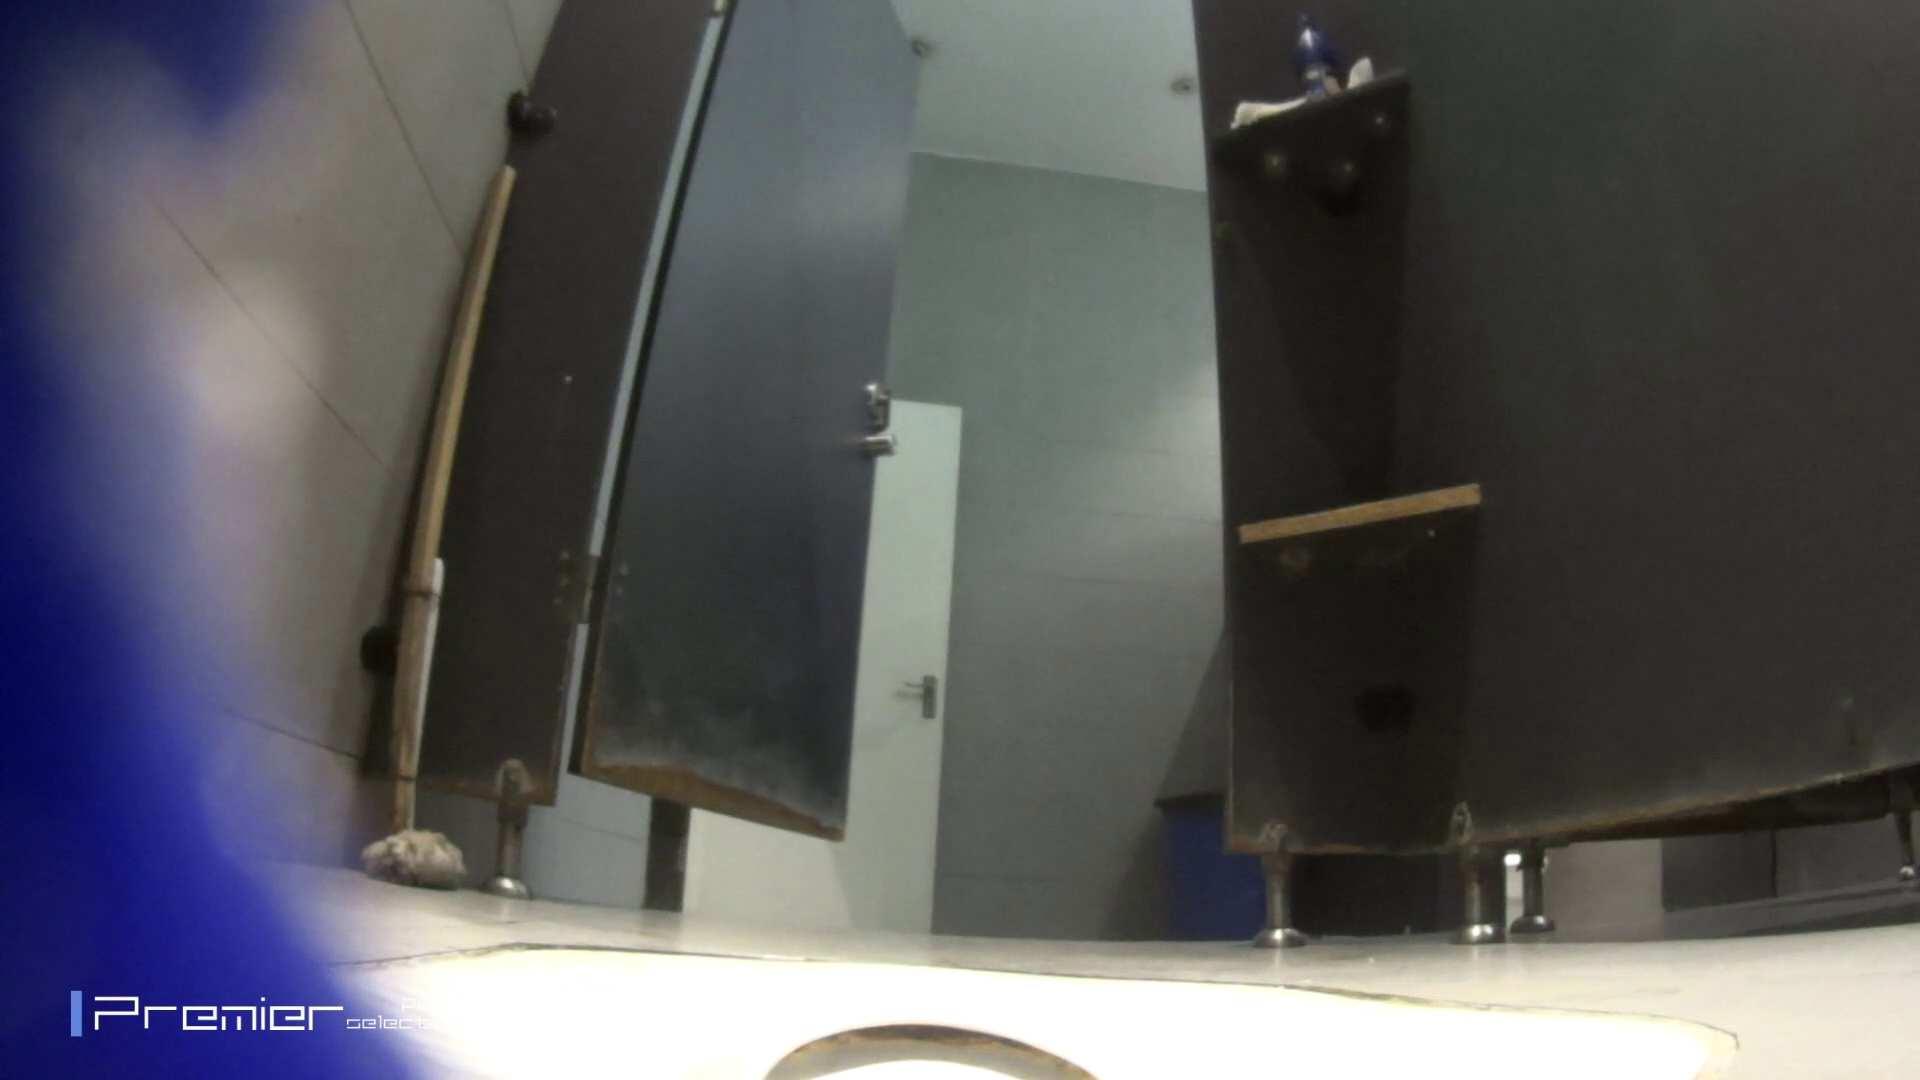 真夏のギャルの洗面所 大学休憩時間の洗面所事情52 ギャル  73pic 36